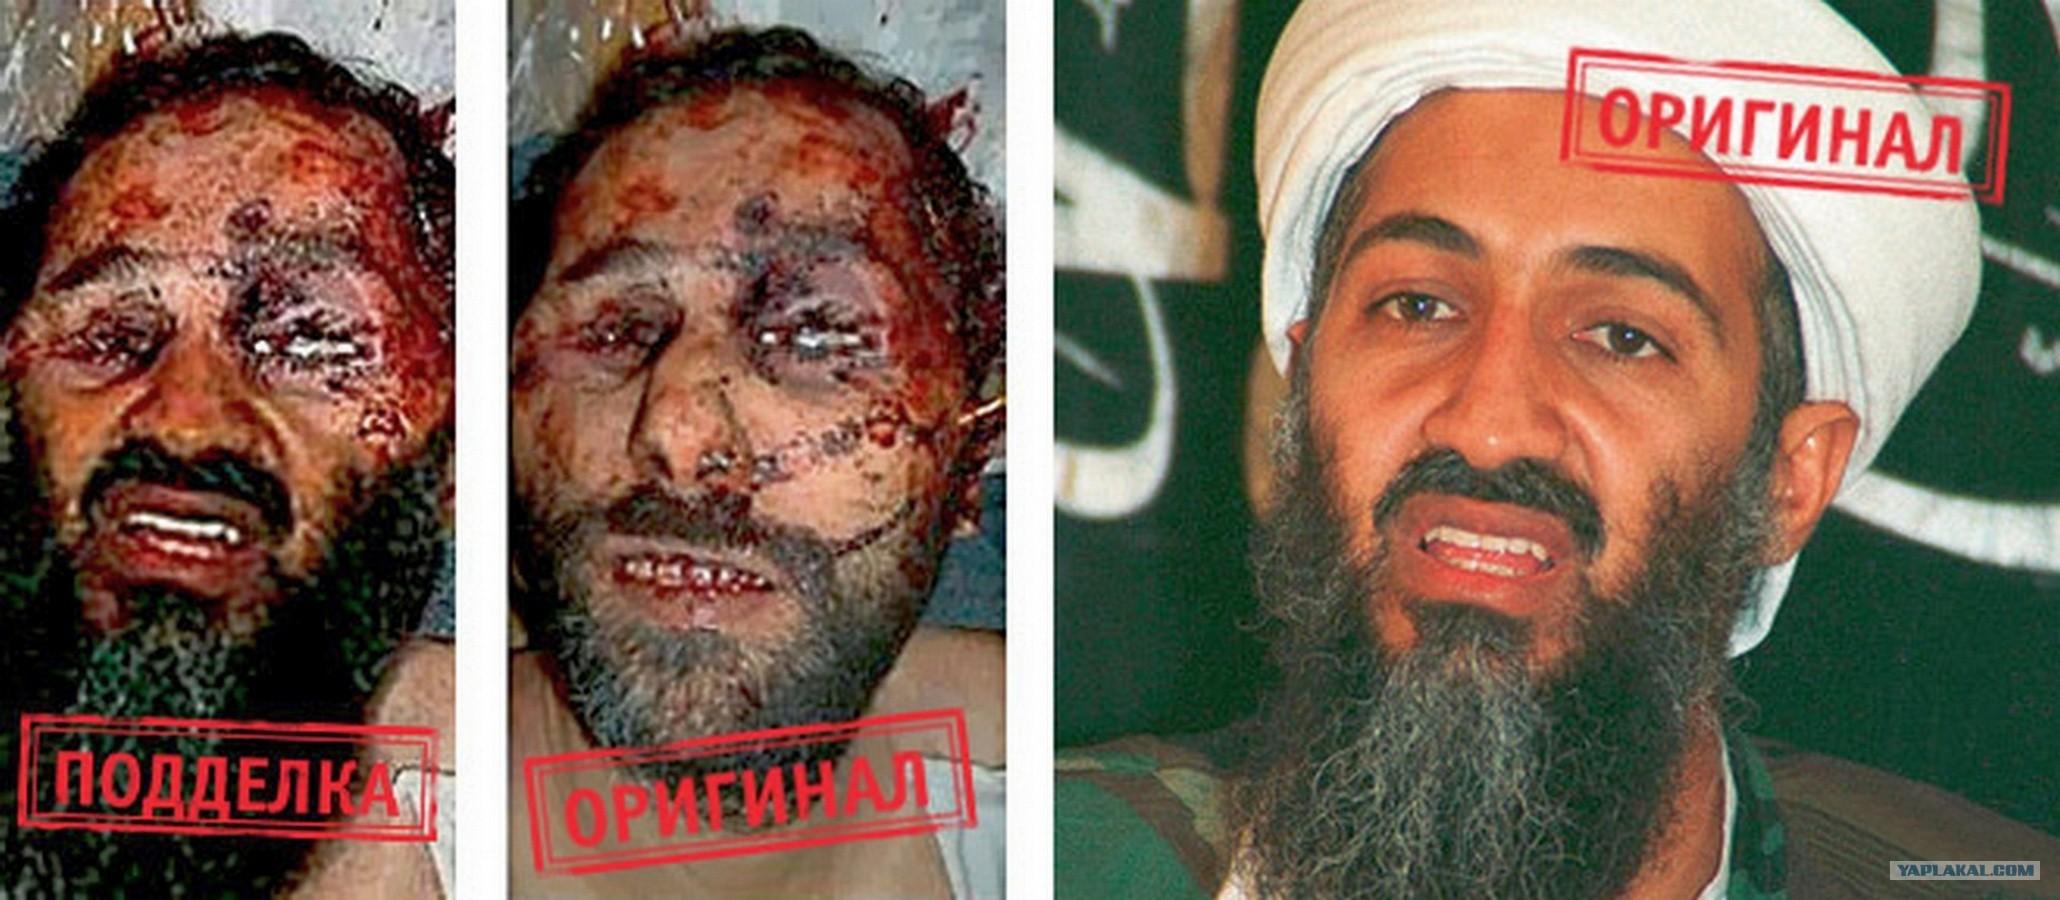 фото убитого усама бен ладен